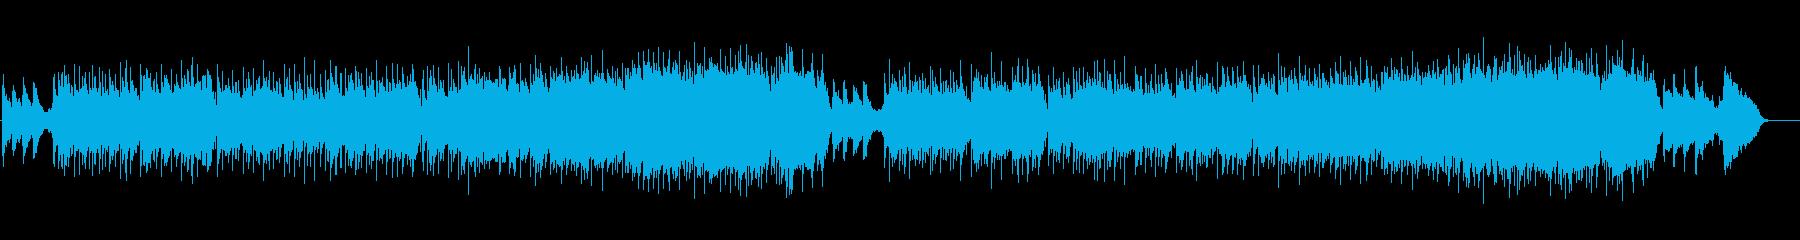 ノスタルジックな雰囲気の和風ミュージックの再生済みの波形